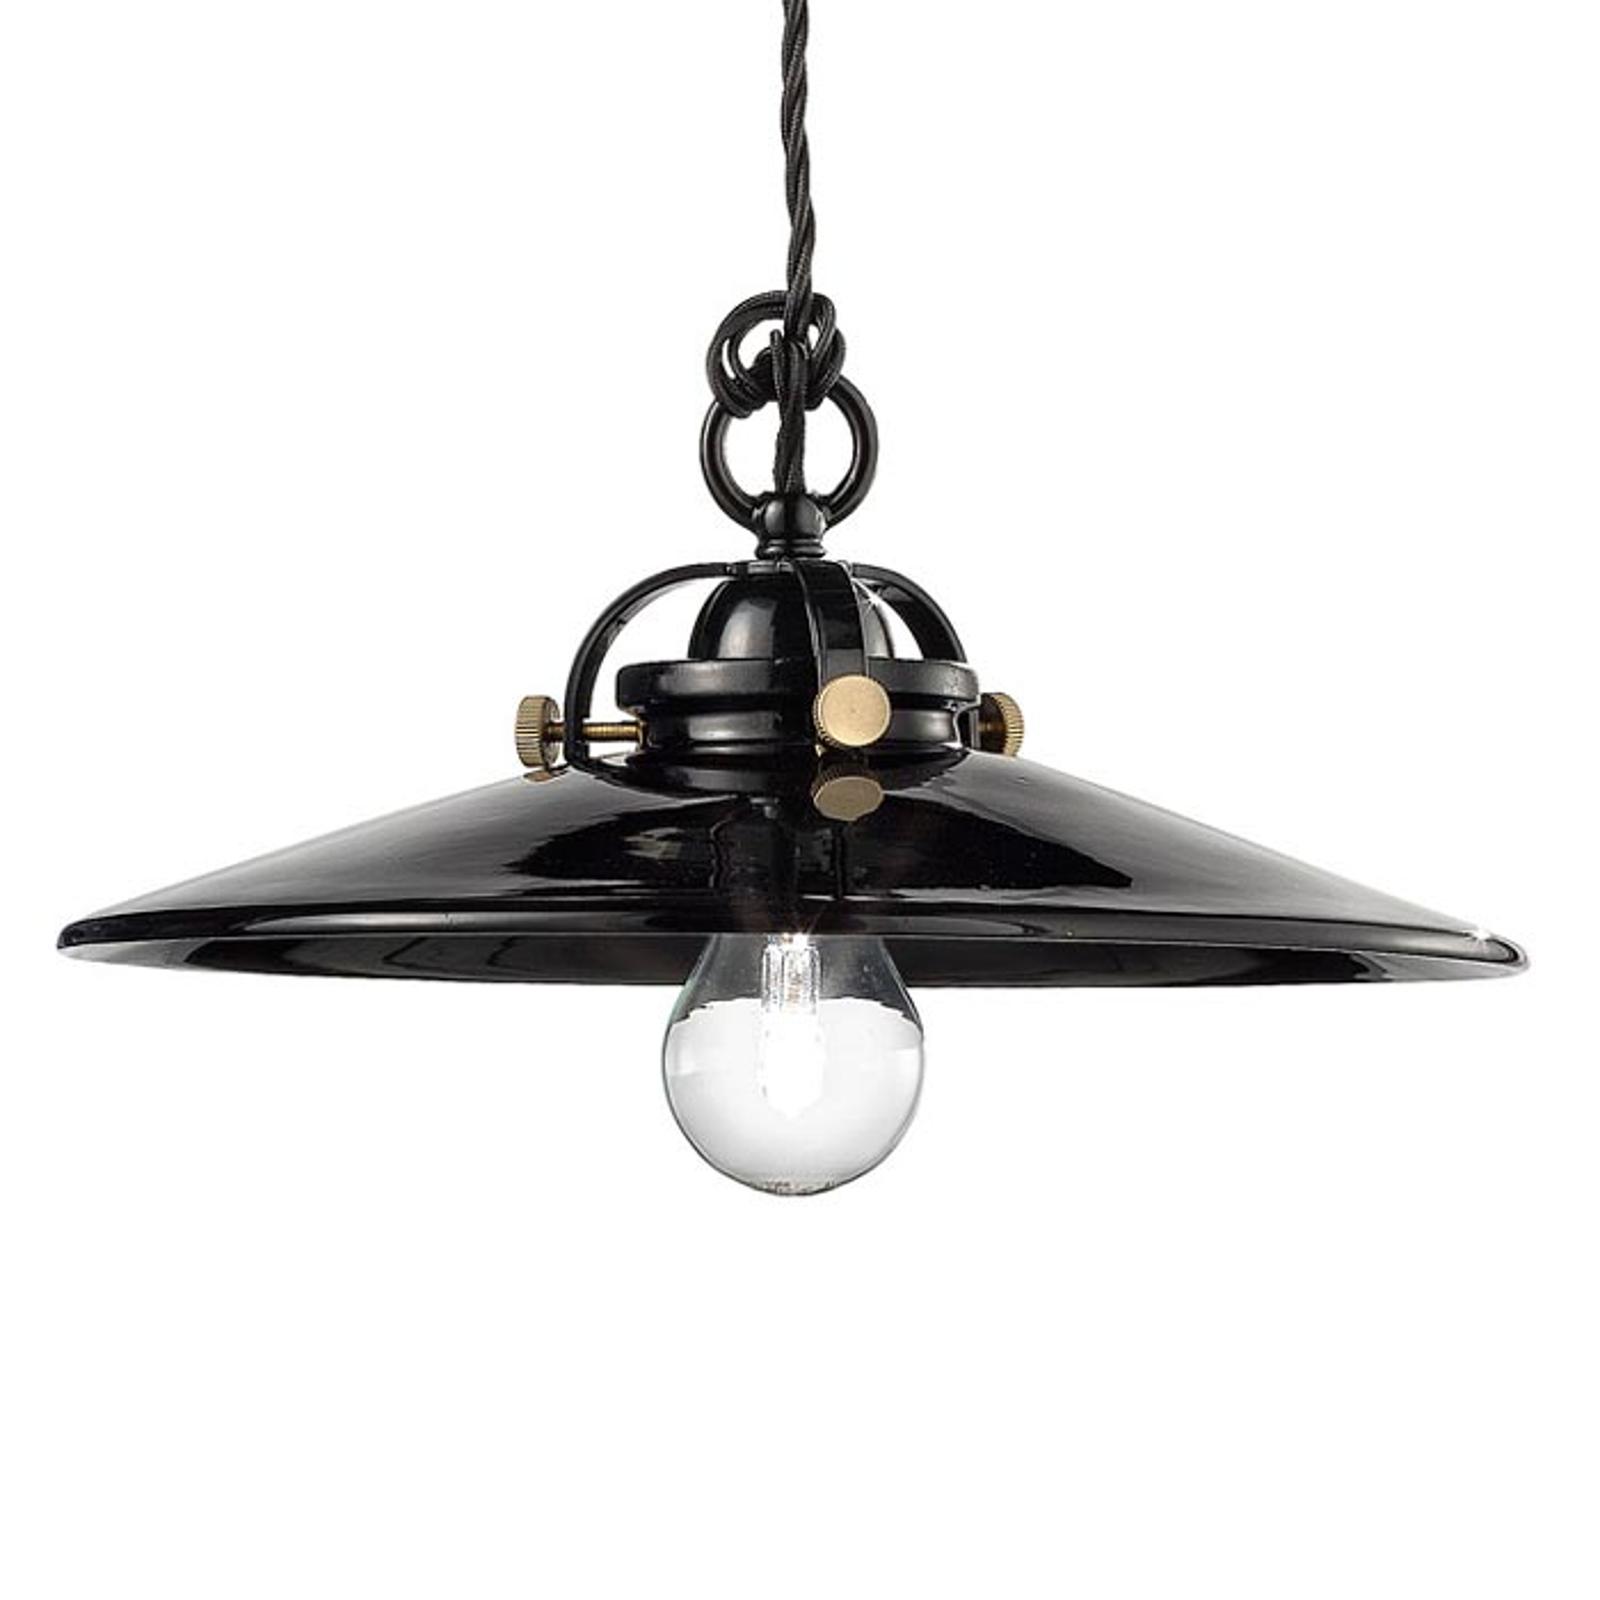 Zwarte keramische hanglamp Edoardo, 31 cm